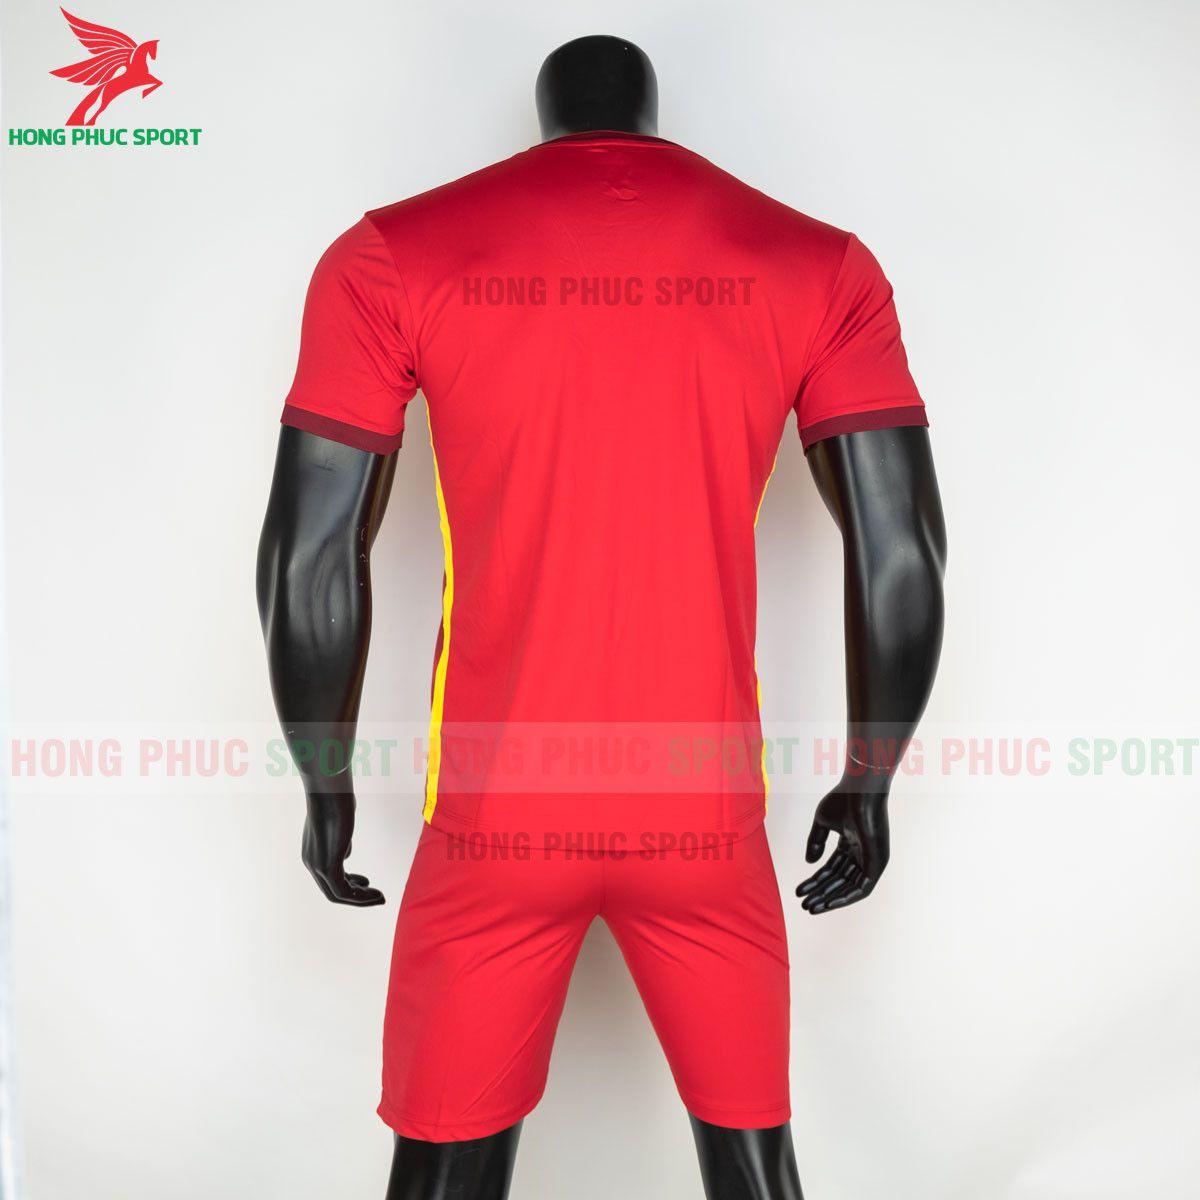 https://cdn.hongphucsport.com/unsafe/s4.shopbay.vn/files/285/ao-bong-da-tuyen-viet-nam-2021-san-nha-6-60d30ca734183.jpg